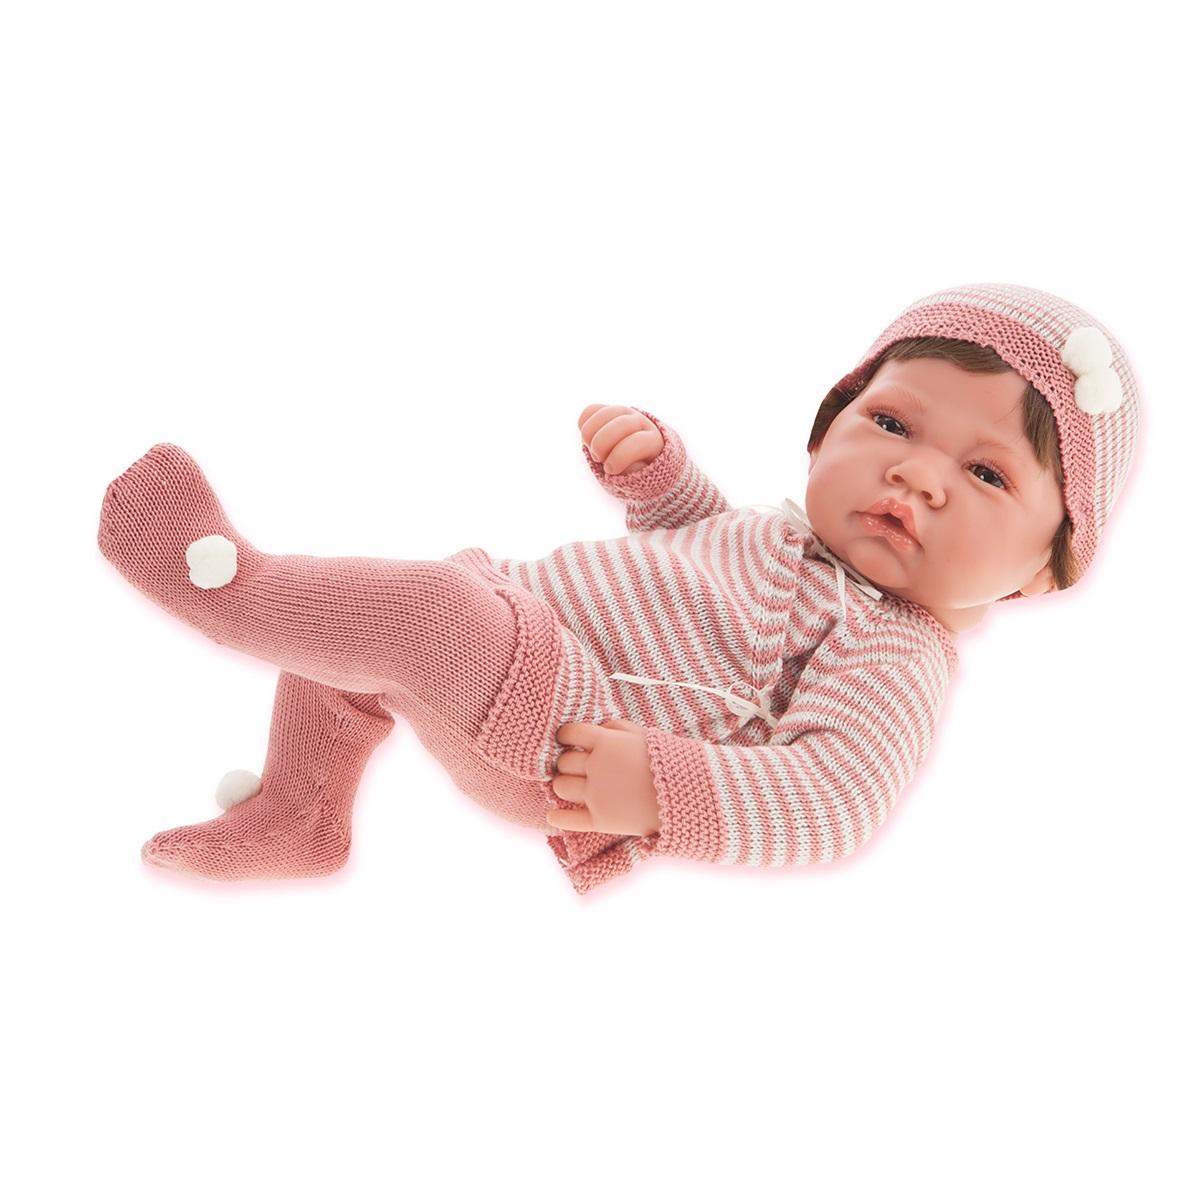 Juan Antonio Пупс Мануэла цвет одежды розовыйПупс Juan Antonio Мануэла - это трогательная и забавная игрушка, которая непременно очарует любую девочку. Образ пупса разработан европейскими дизайнерами с любовью и вниманием к деталям. Игрушка выполнена из прочного безопасного винила с покрытием soft touch, мягкого и приятного на ощупь. Кукла натуралистична и анатомически точна. Ручки и ножки младенца подвижны. Реалистичные глазки пупса обрамлены нежными пушистыми ресничками. Очаровательный малыш одет в вязаный наряд. Милый пупс приведет в восторг любую девочку, а детально проработанный внешний вид сделает такую игрушку превосходным подарком и для взрослого коллекционера. Игры с пупсом научат малышку ответственности и внимательности.<br>